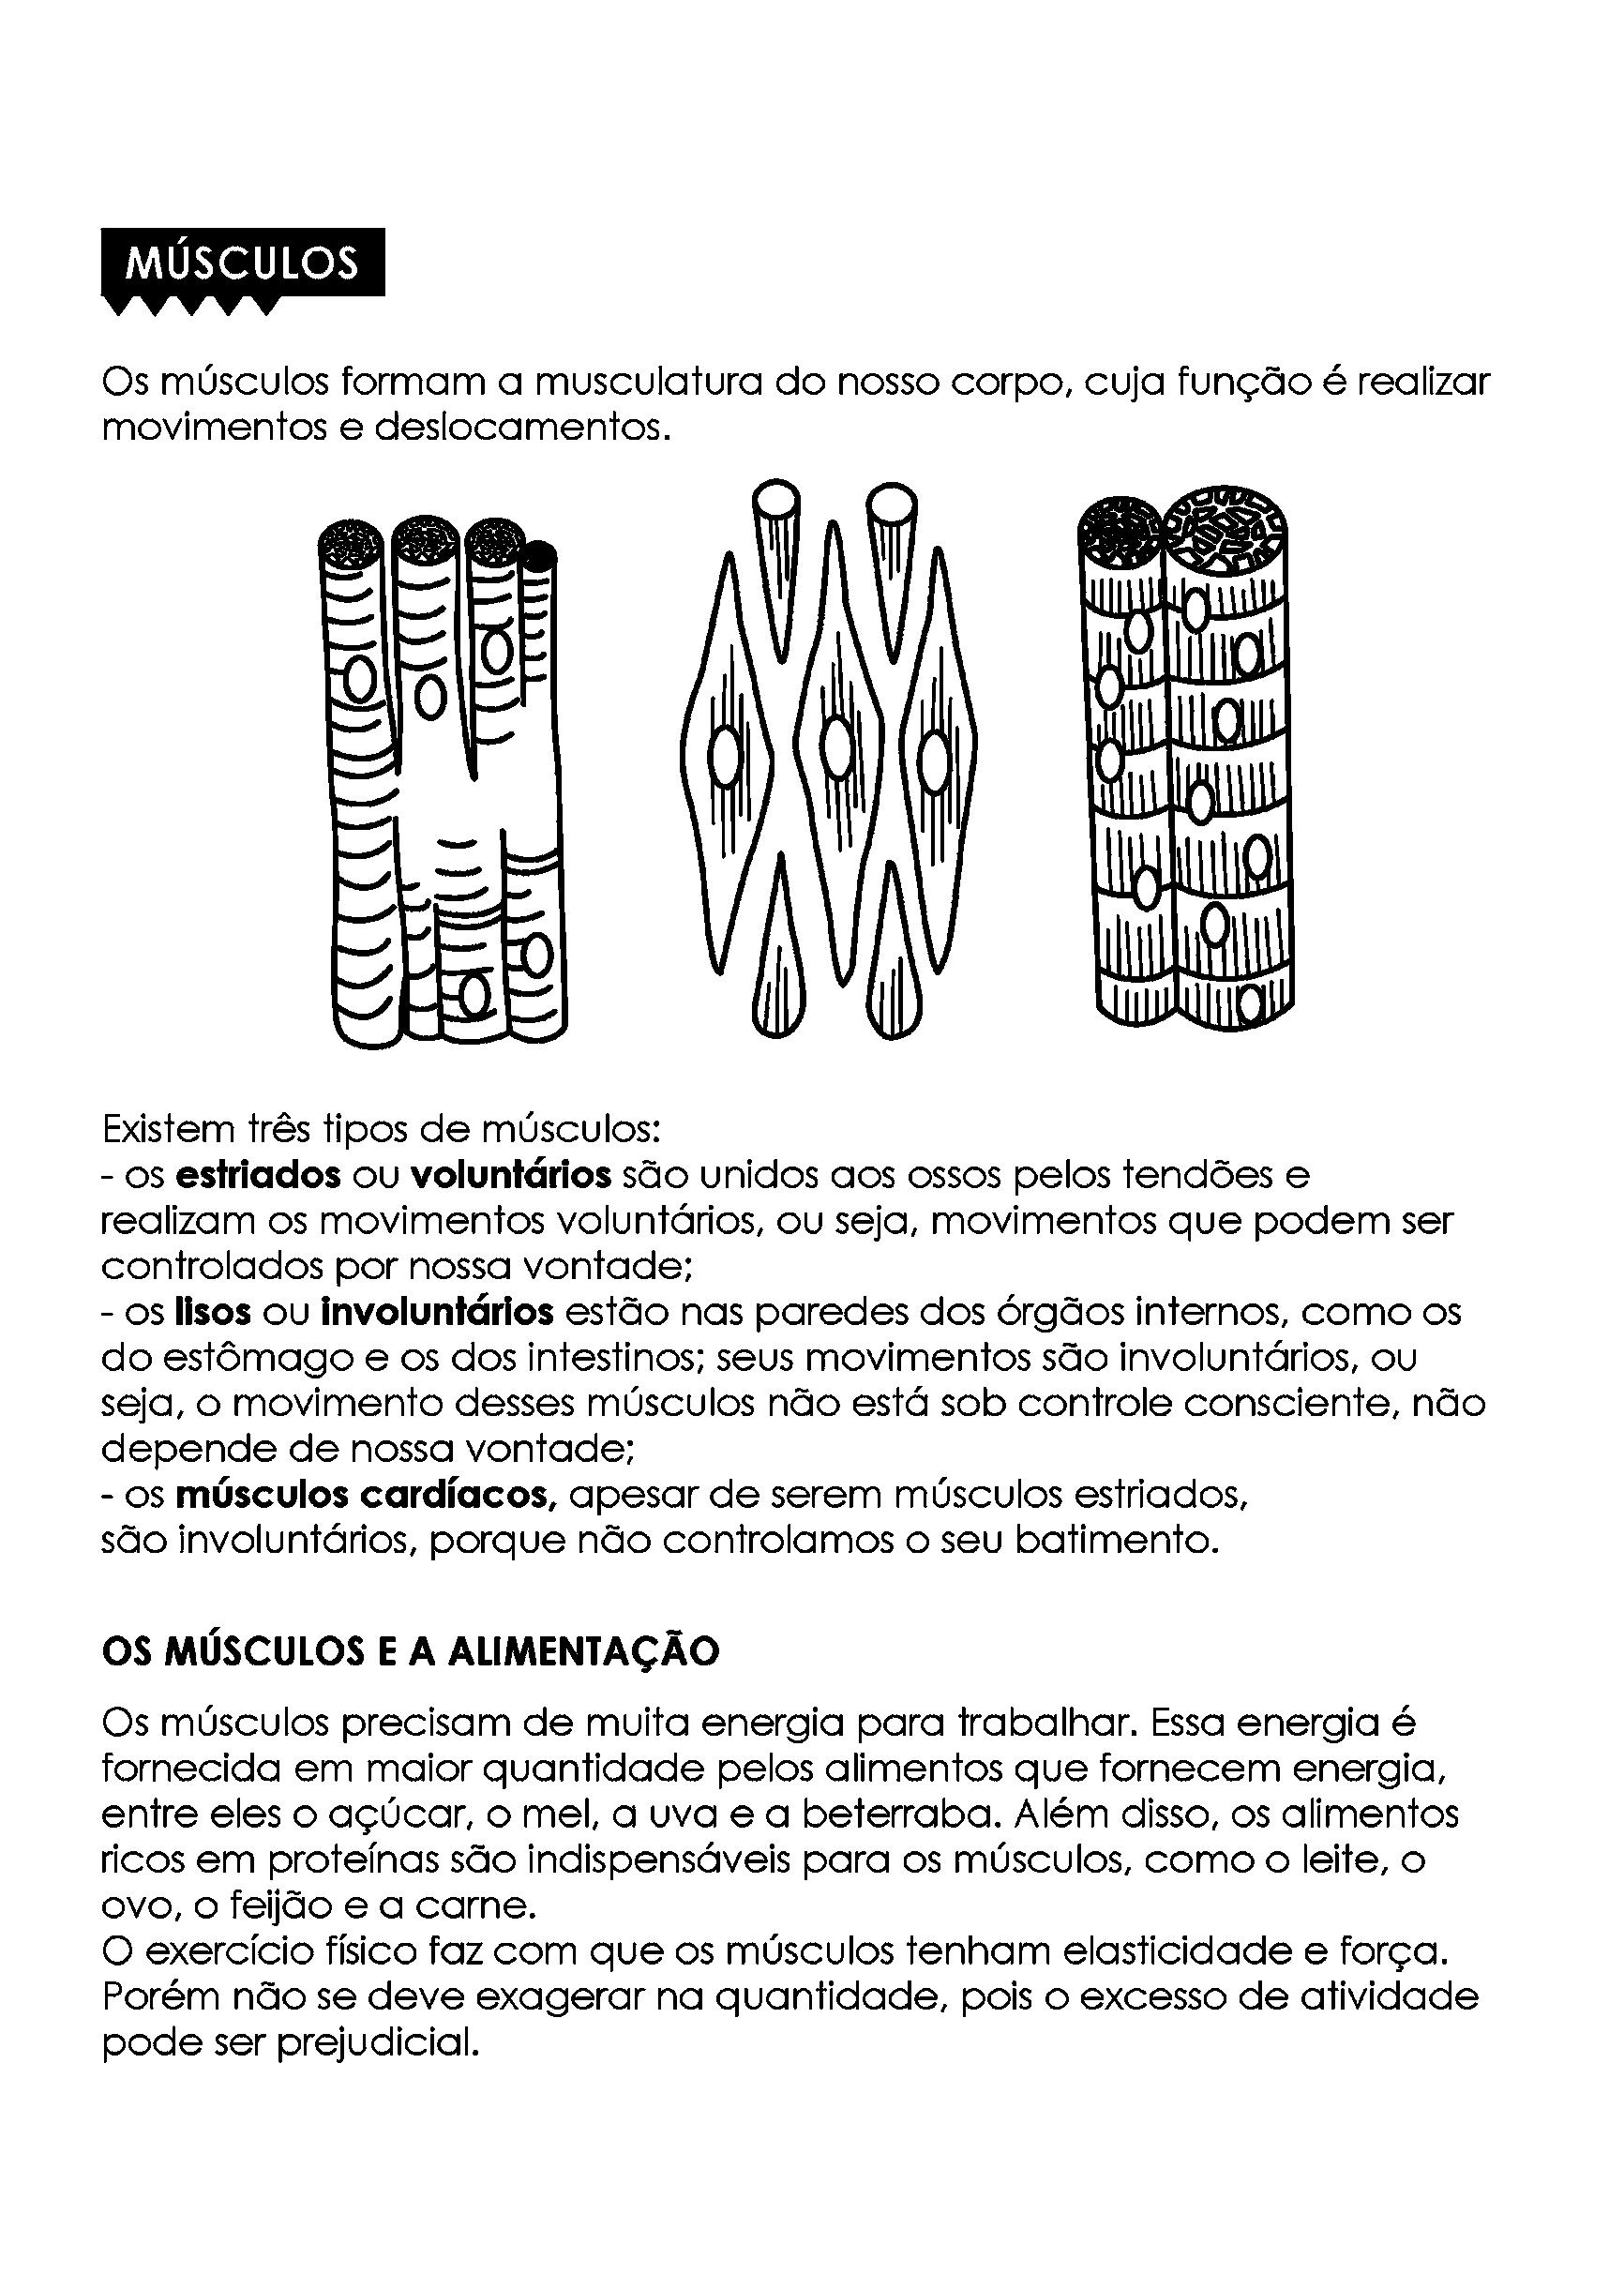 texto sobre os músculos do corpo humano